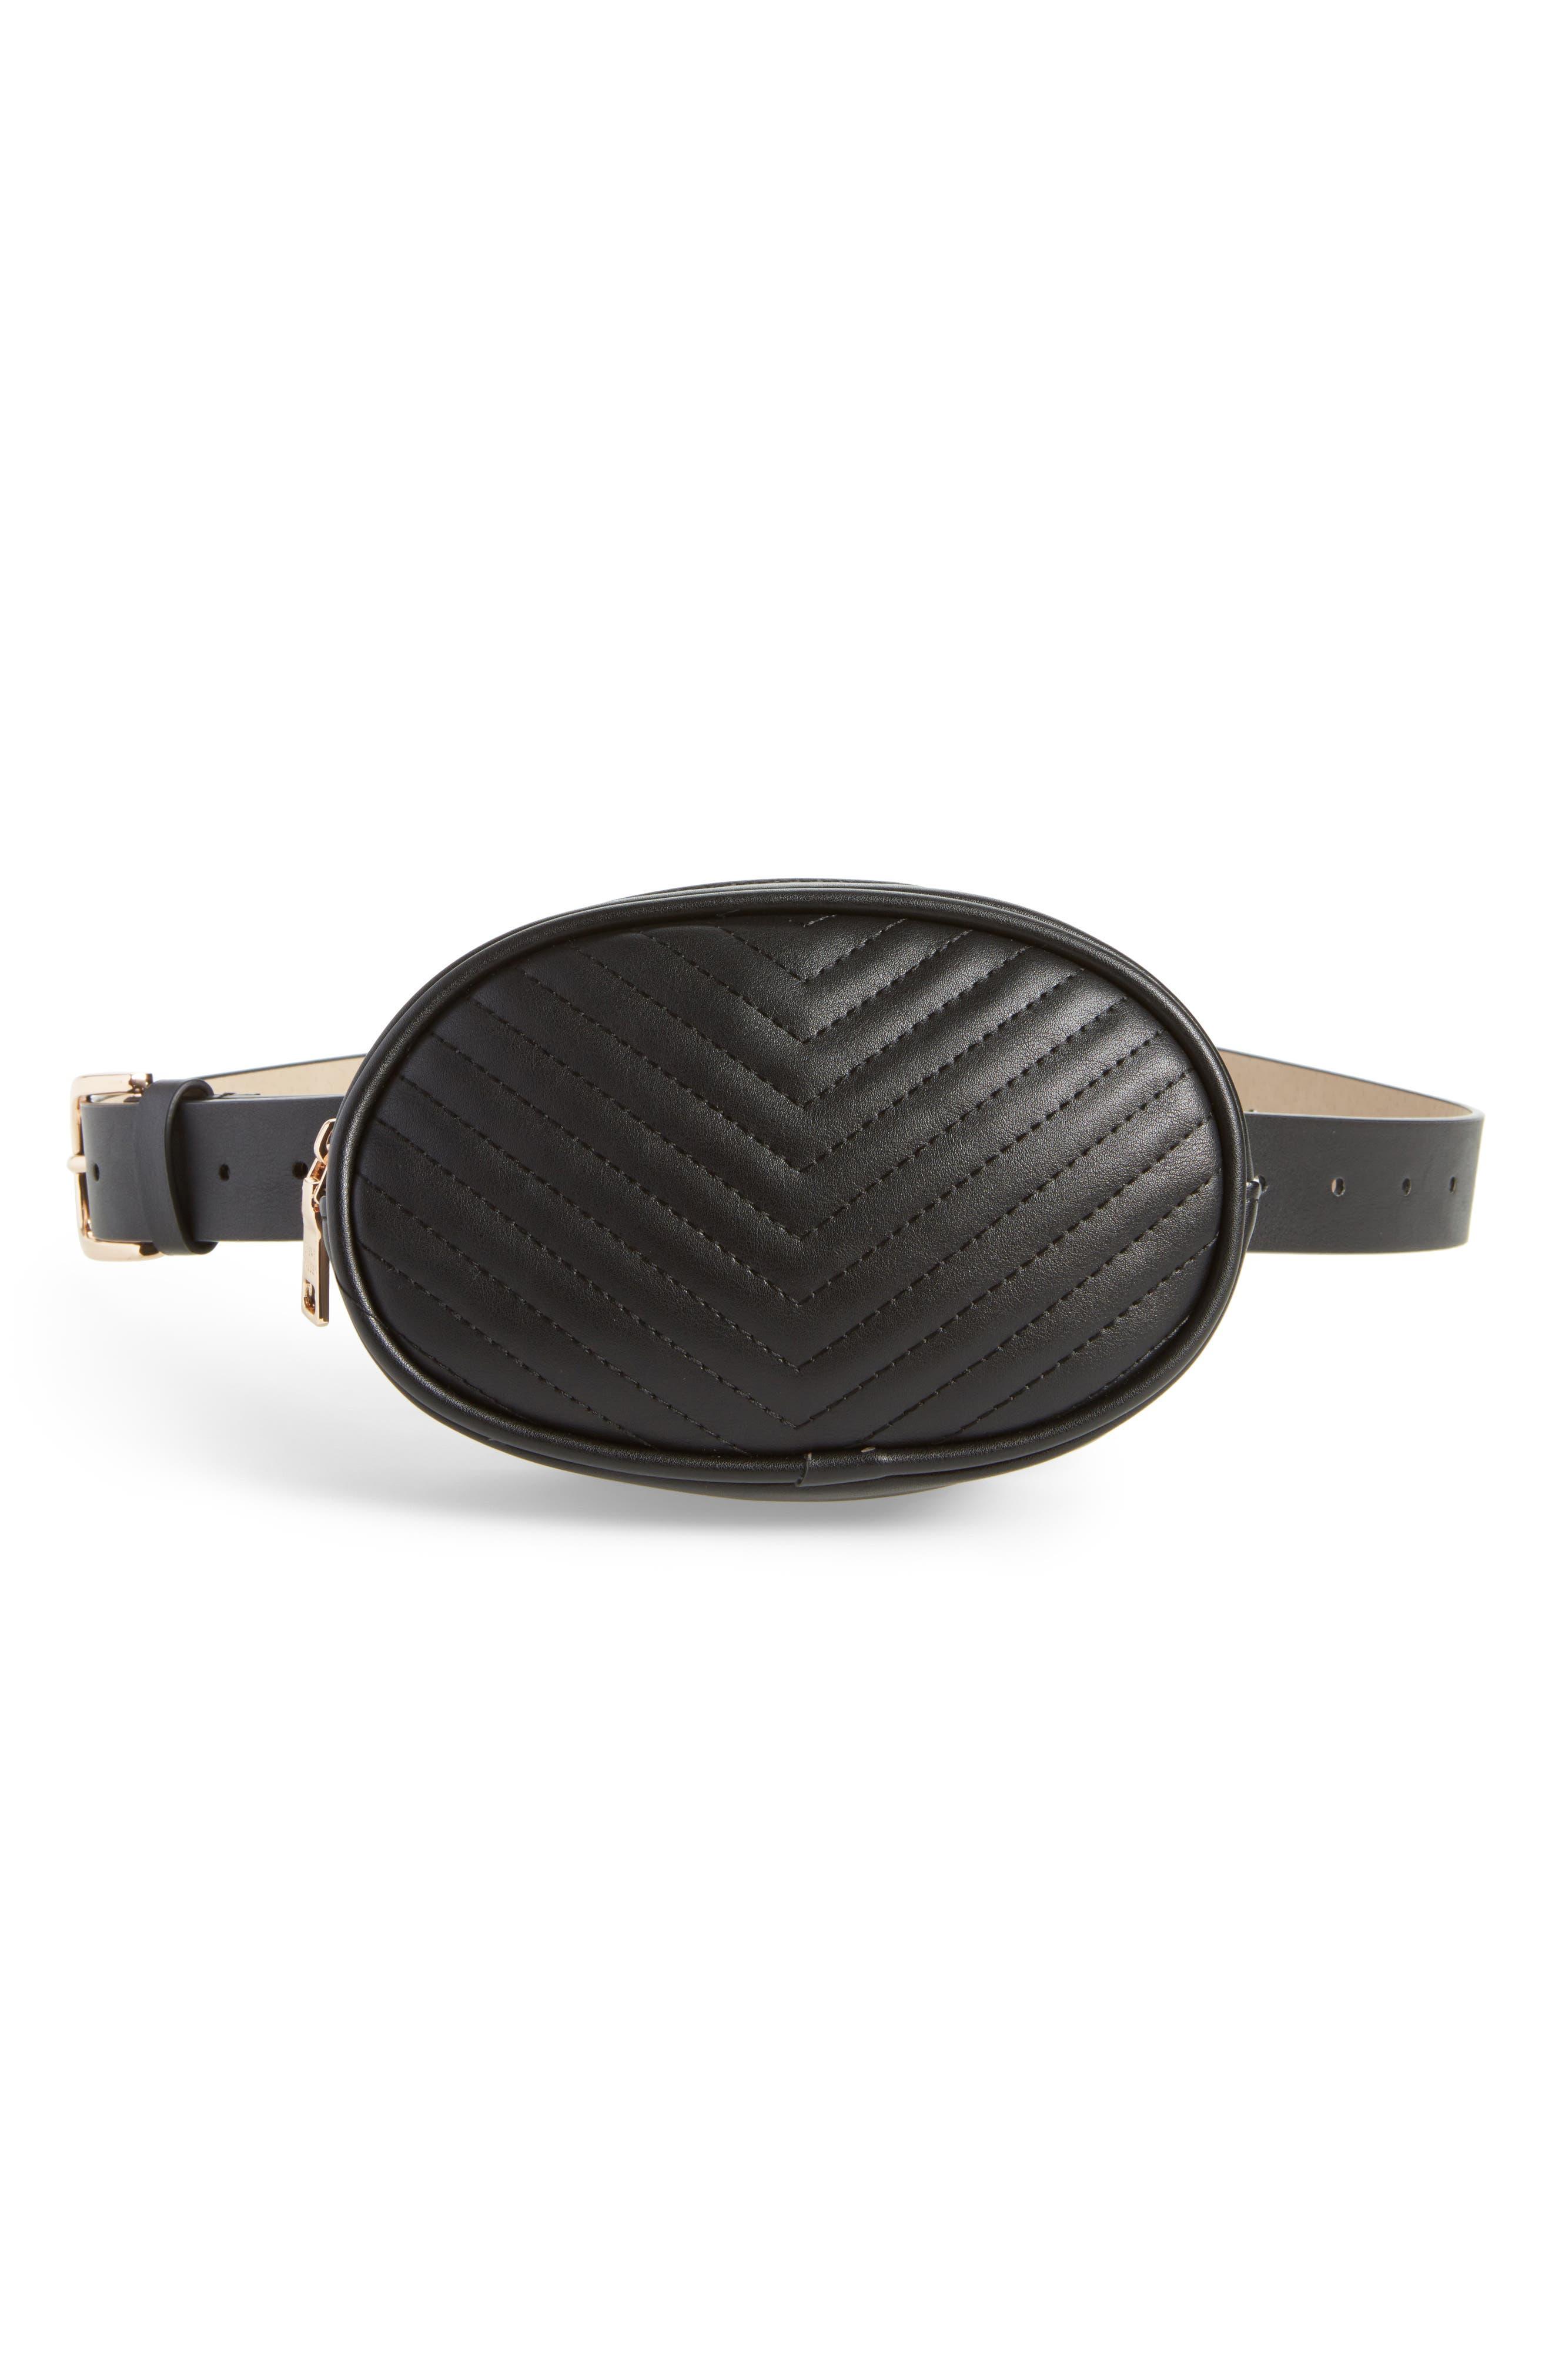 Alternate Image 1 Selected - Steve Madden Quilted Belt Bag